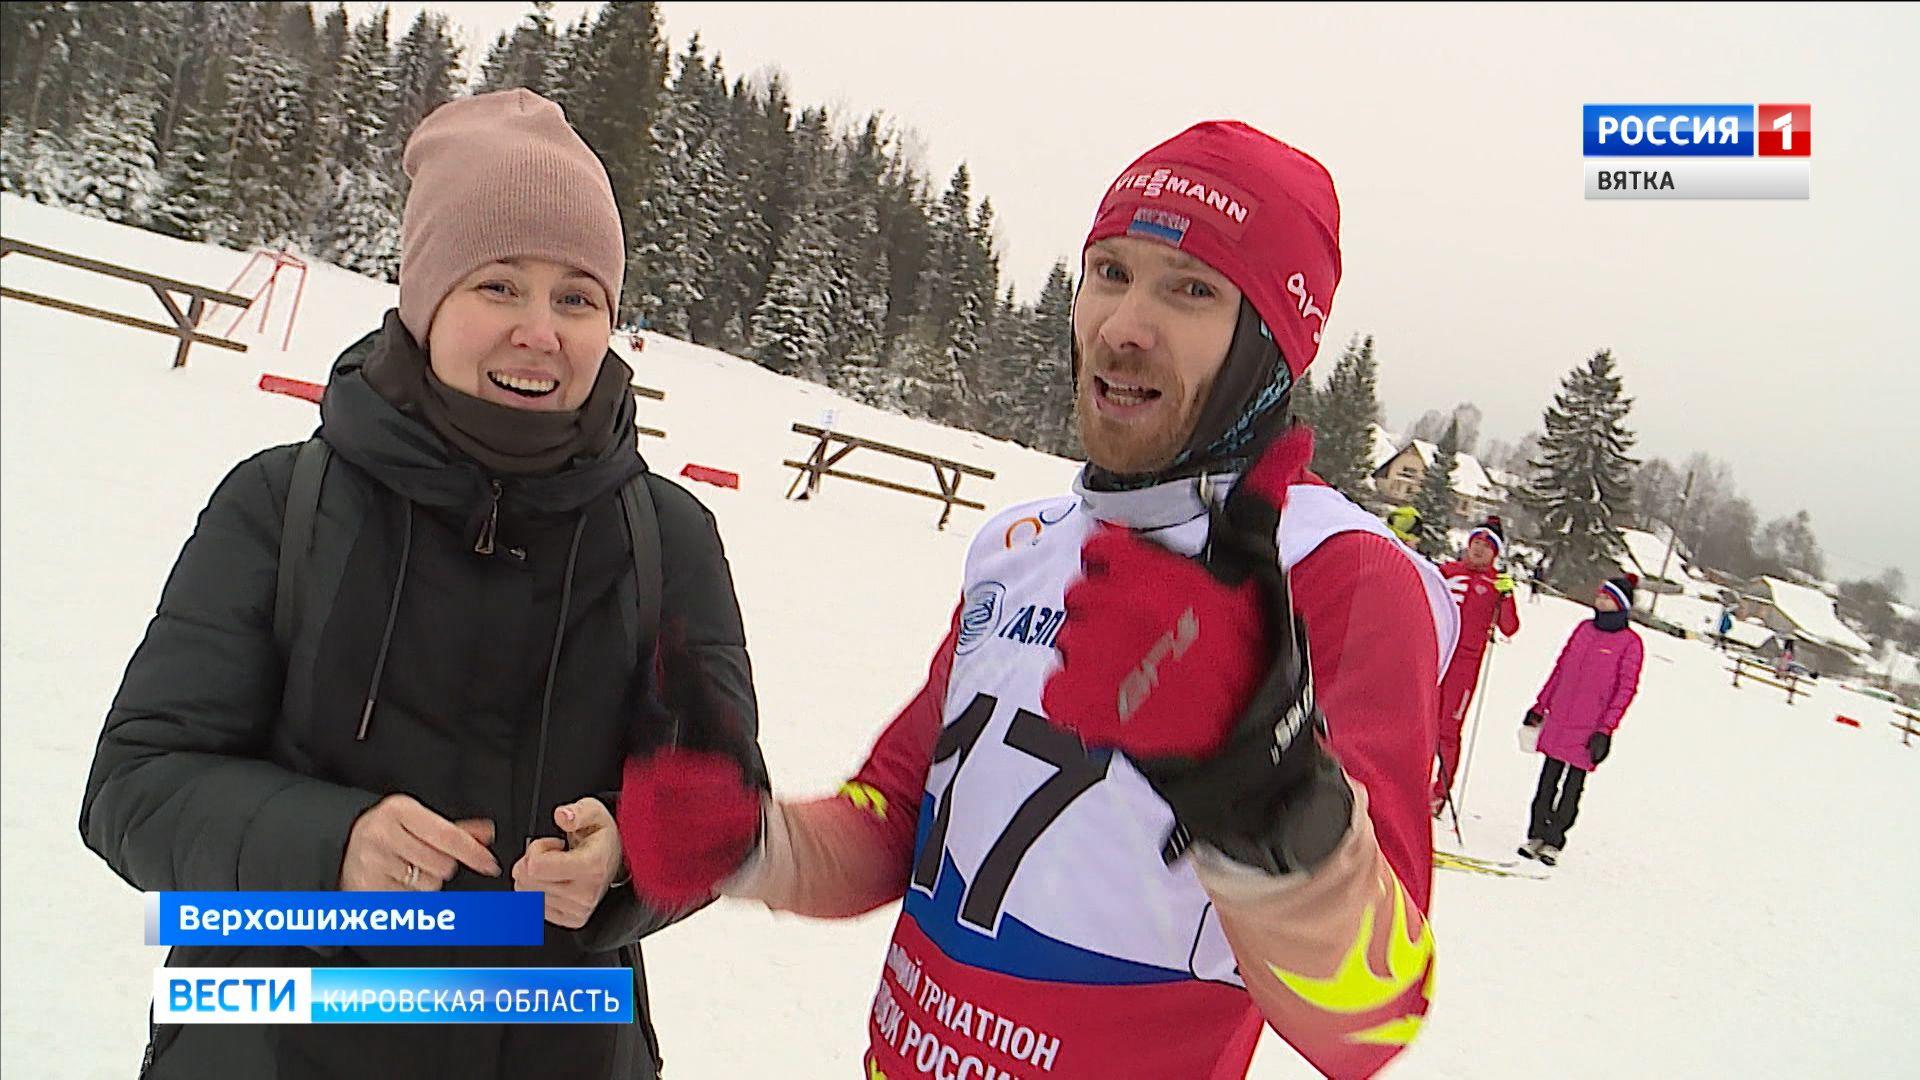 В Верхошижемье состоялся второй этап Кубка России по зимнему триатлону